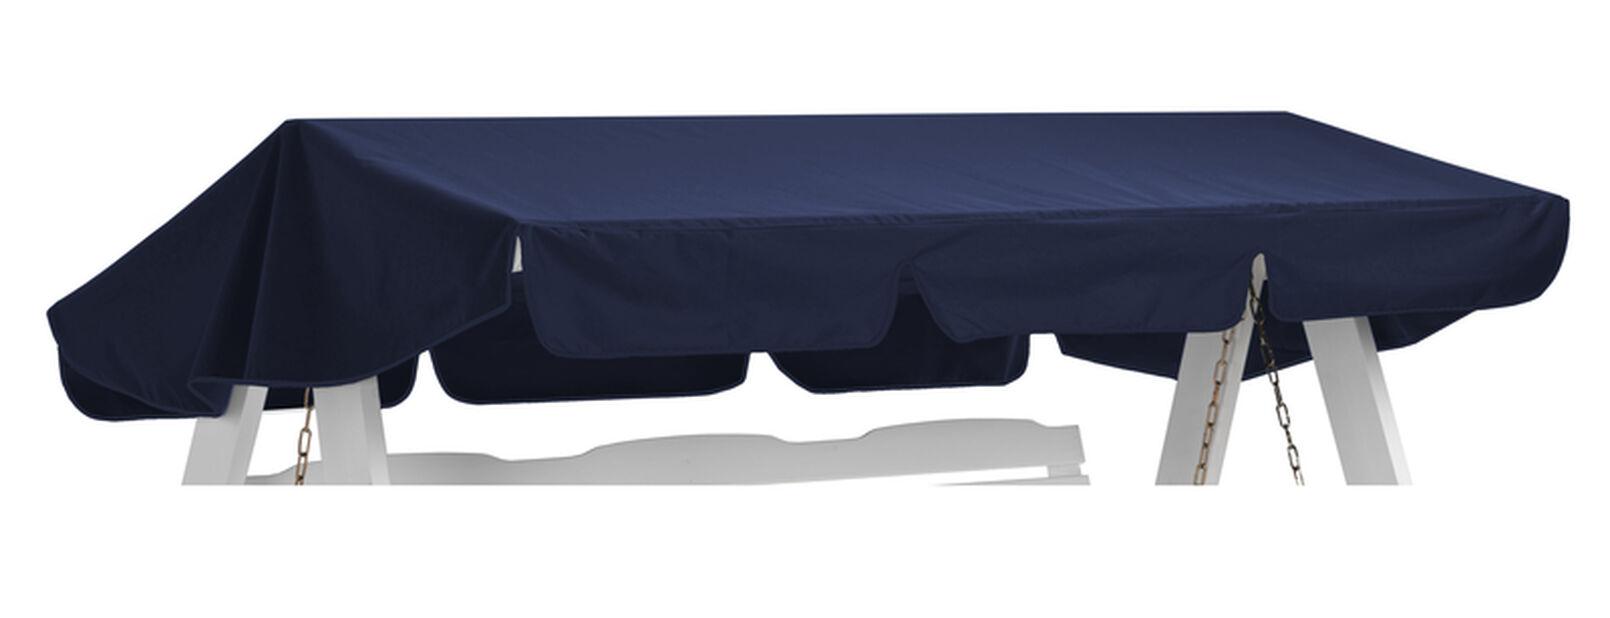 Dalom keinukatto, tummansininen, Pituus 191 cm, Tummansininen